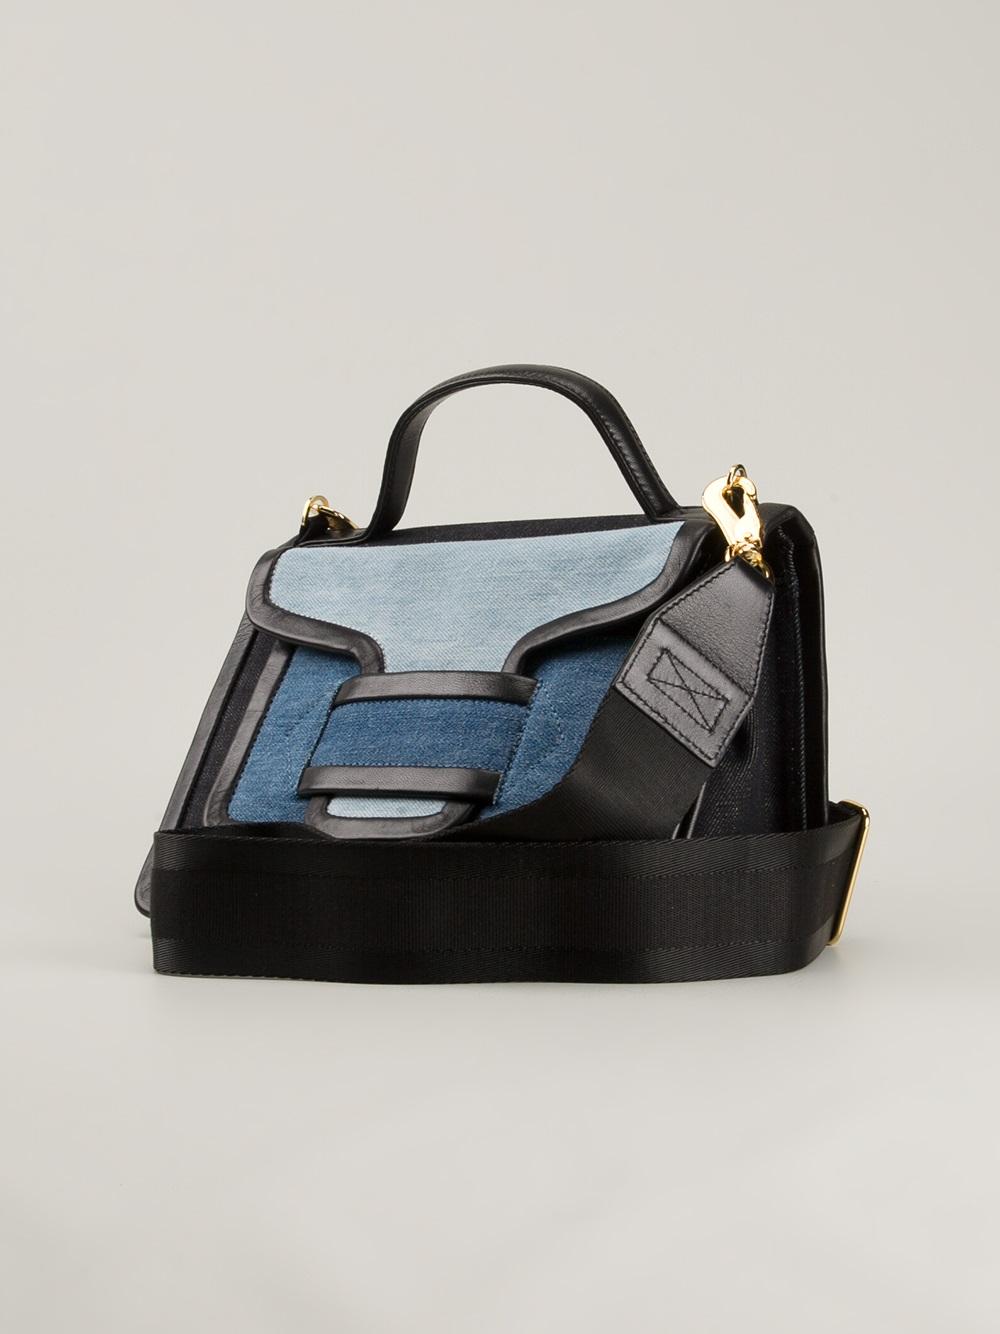 Rally Handbag in Blue Suede and Denim Pierre Hardy qTJf6Oj4qm